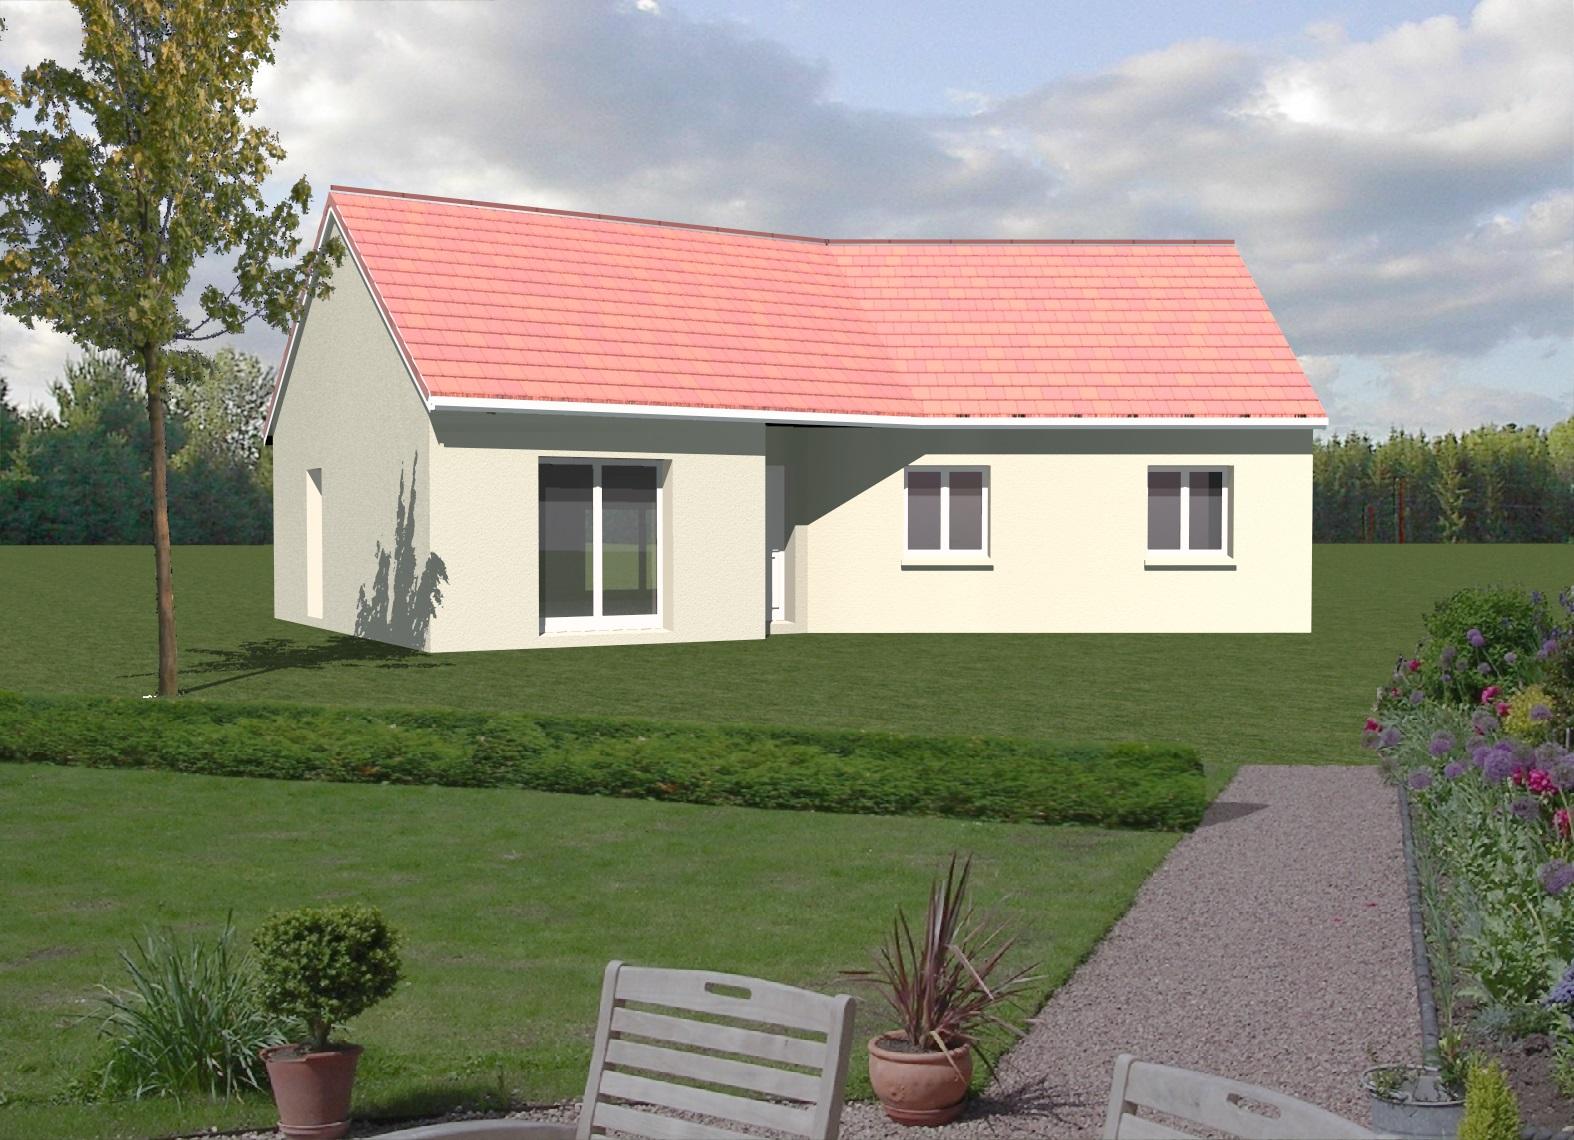 Maisons mag constructeur for Constructeur maison allier